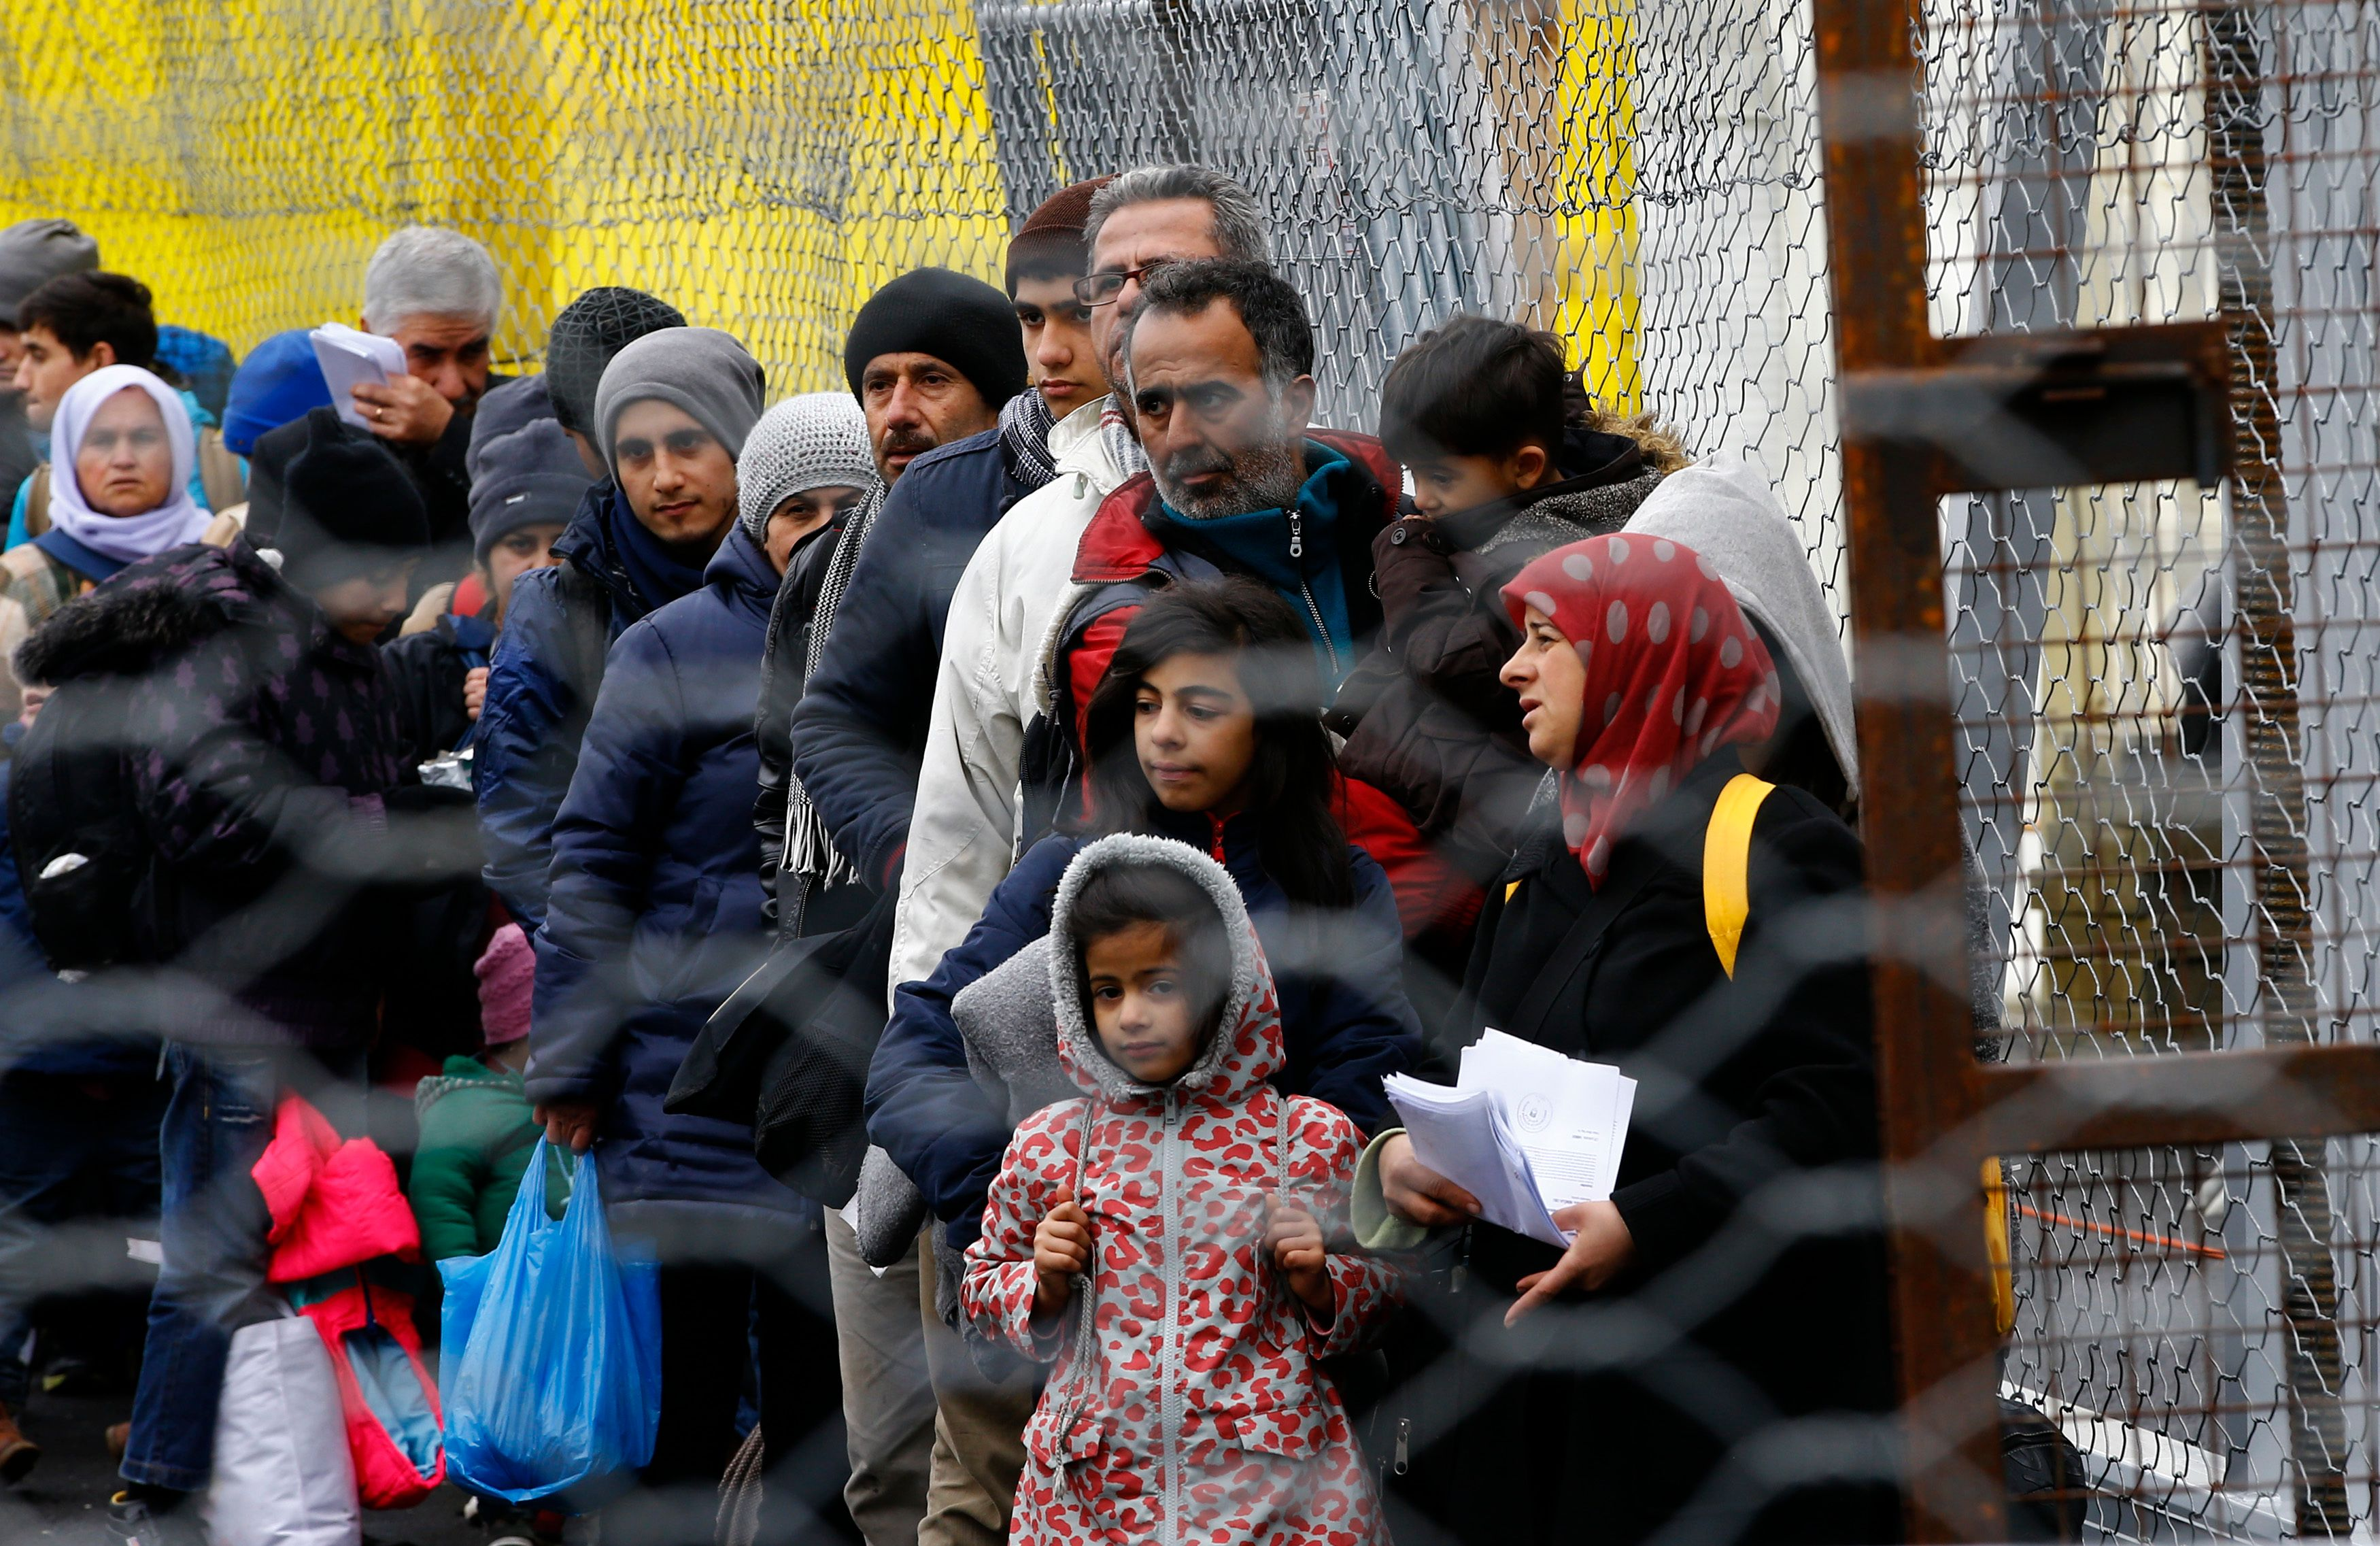 """L'Otan accuse la Russie et la Syrie d'utiliser les migrants """"comme une arme"""" pour déstabiliser l'Europe"""